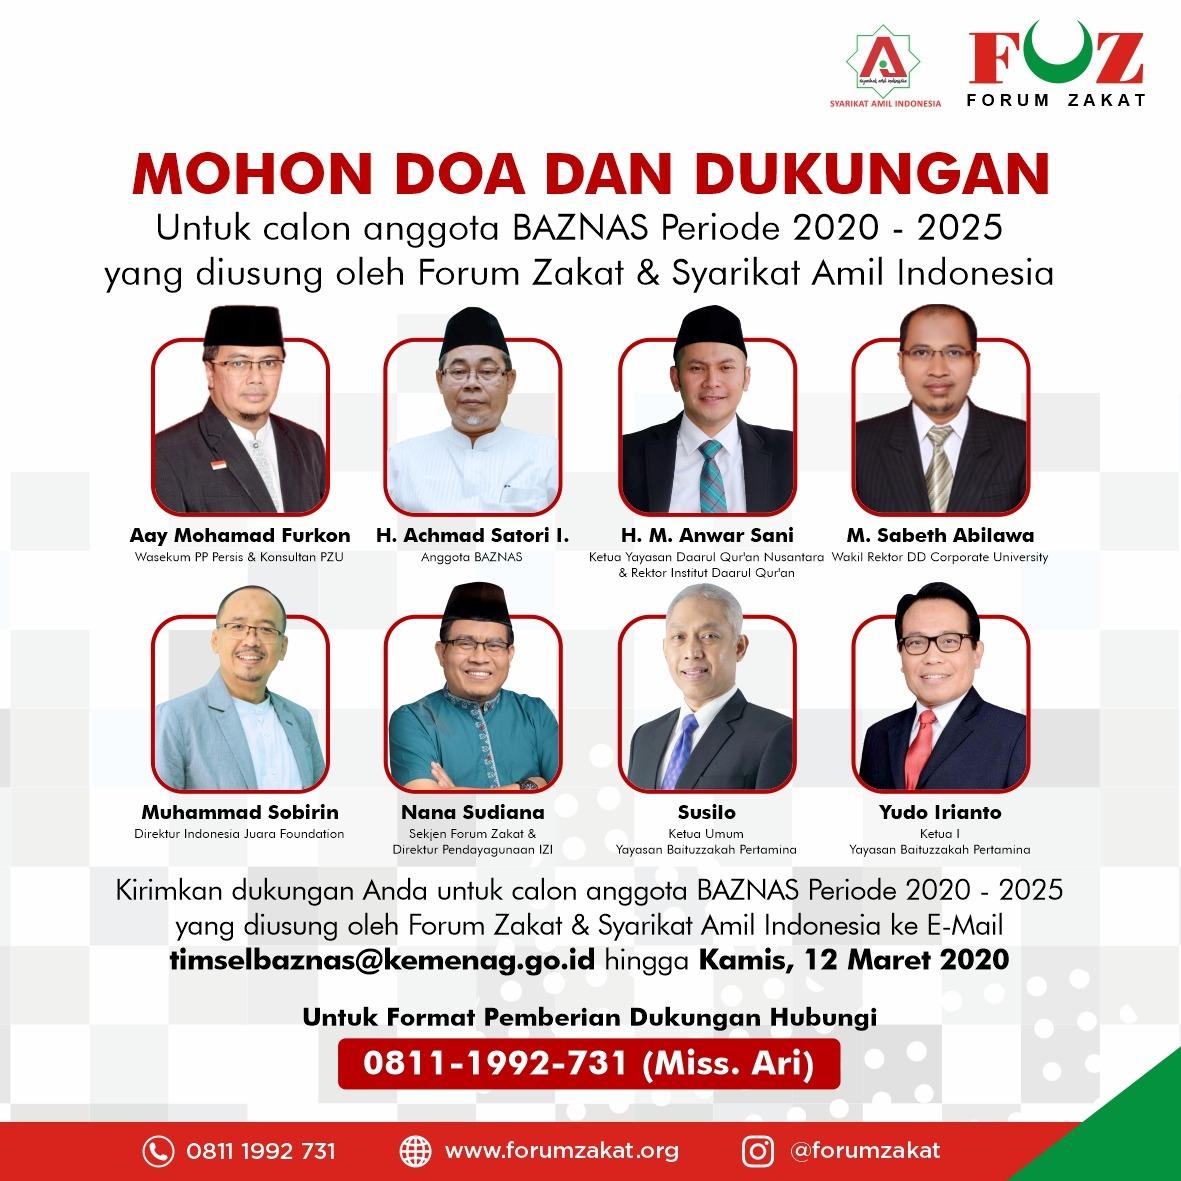 Inilah Delapan Calon Anggota BAZNAS yang didukung Forum Zakat